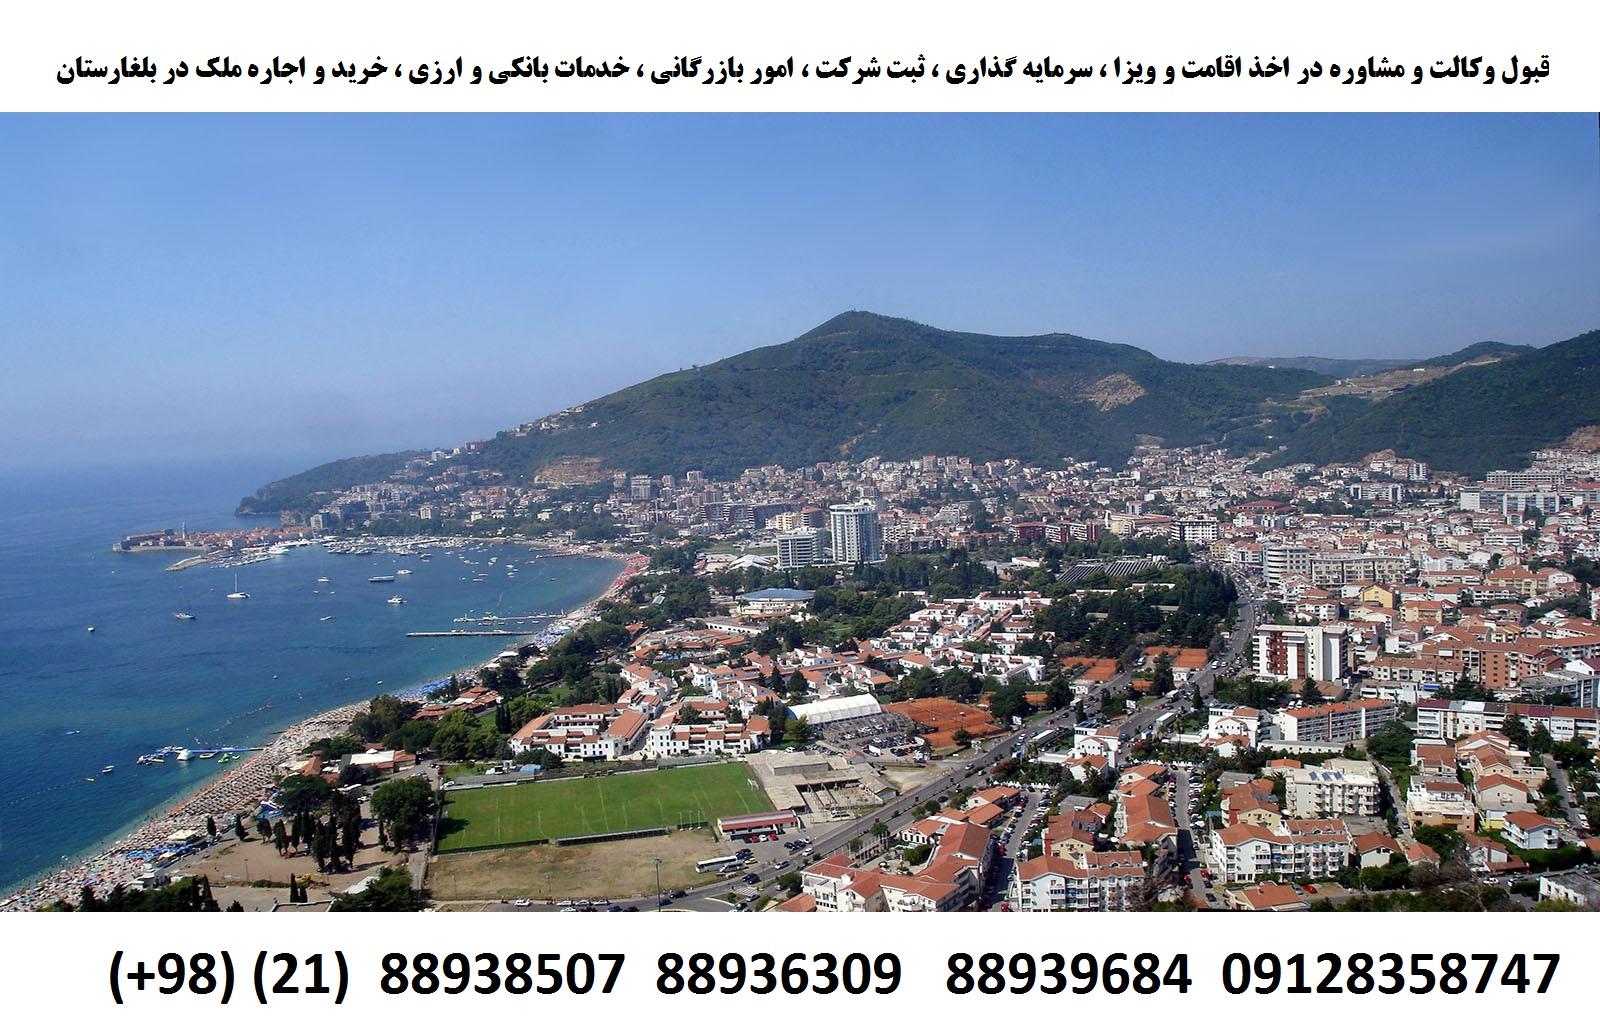 اقامت ، ویزا ، ثبت شرکت سرمایه گذاری در بلغارستان (4)